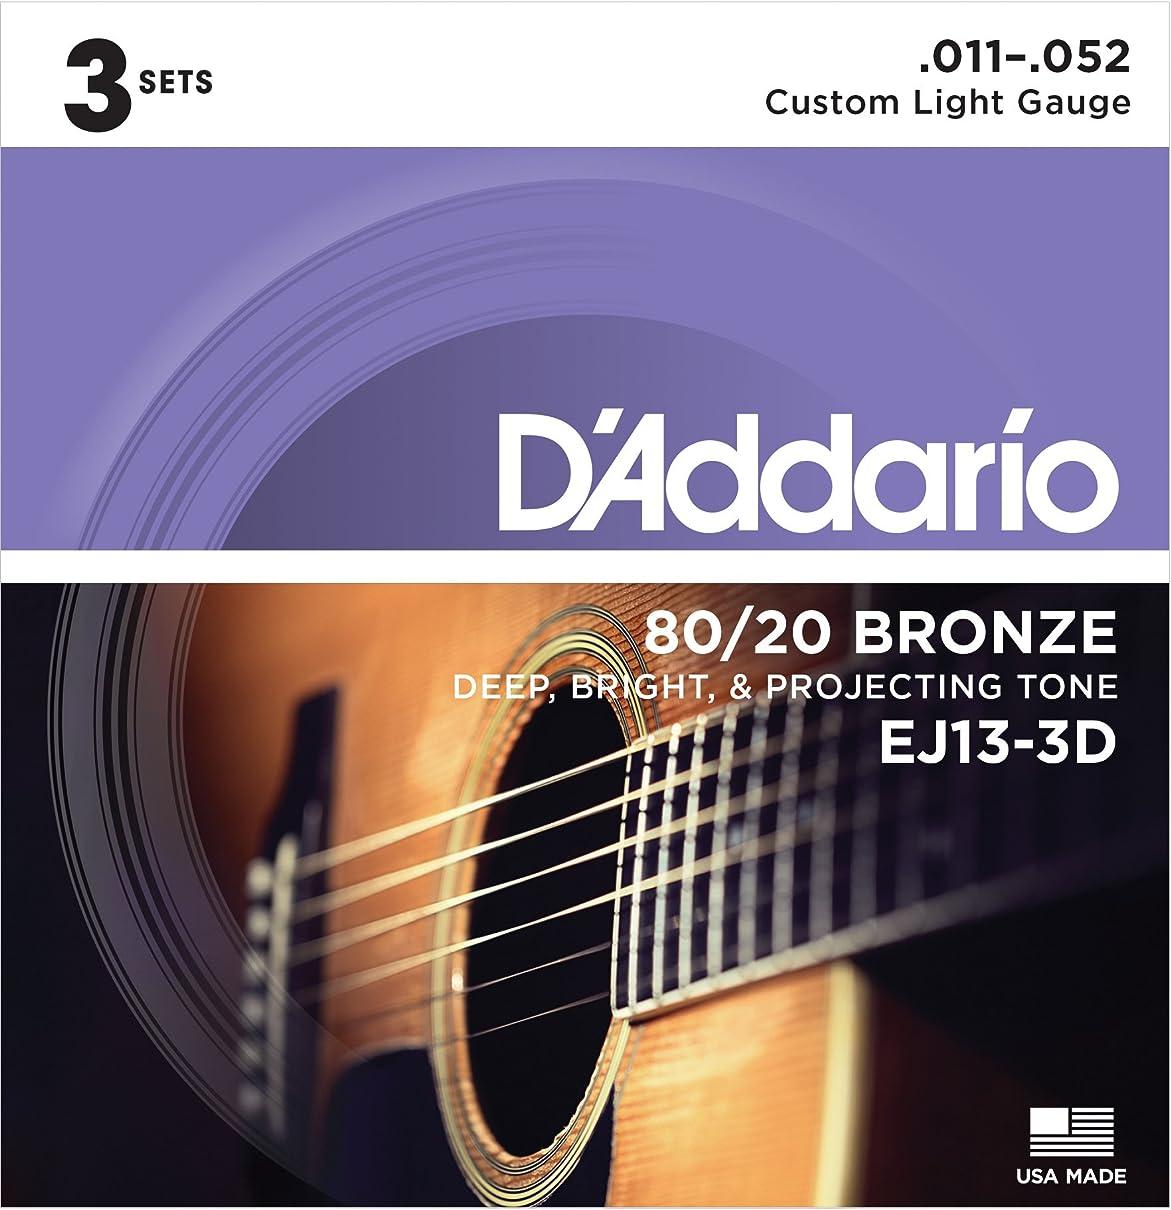 太平洋諸島教義二層D'Addario ダダリオ アコースティックギター弦 80/20ブロンズ Custom Light .011-.052 EJ13-3D 3set入りパック 【国内正規品】